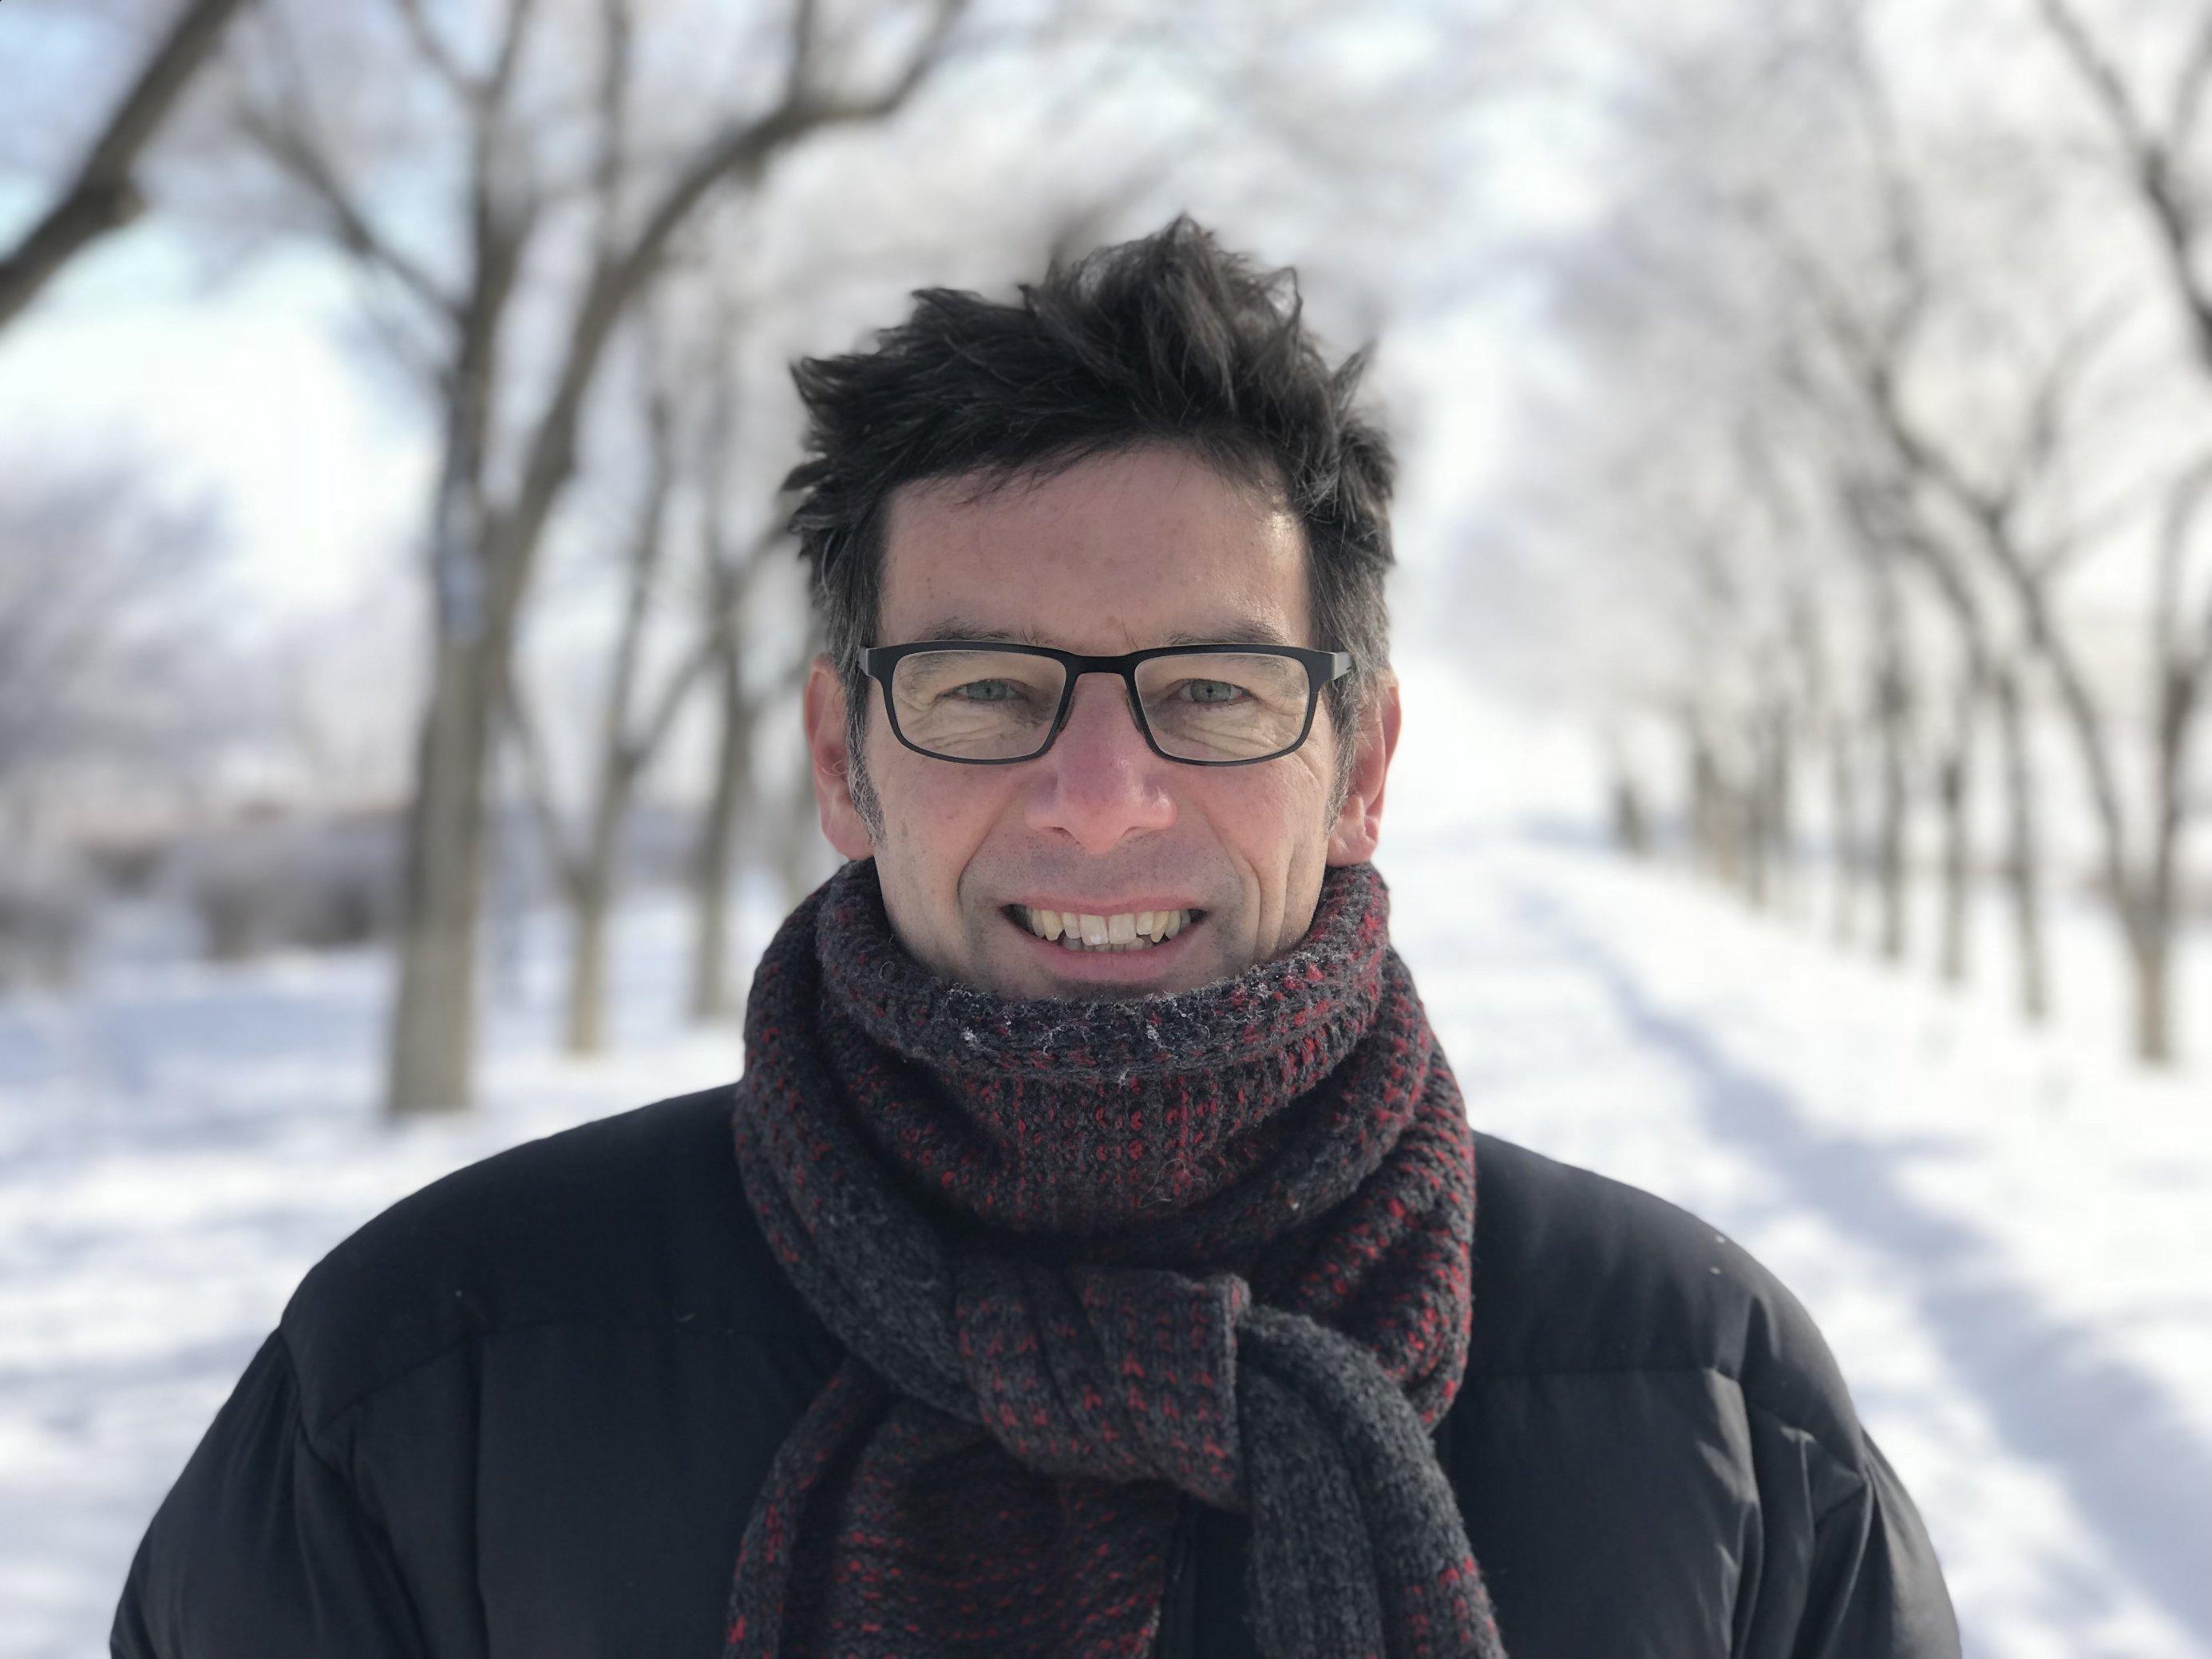 Martin Wikelski steht auf einer verschneiten Strasse